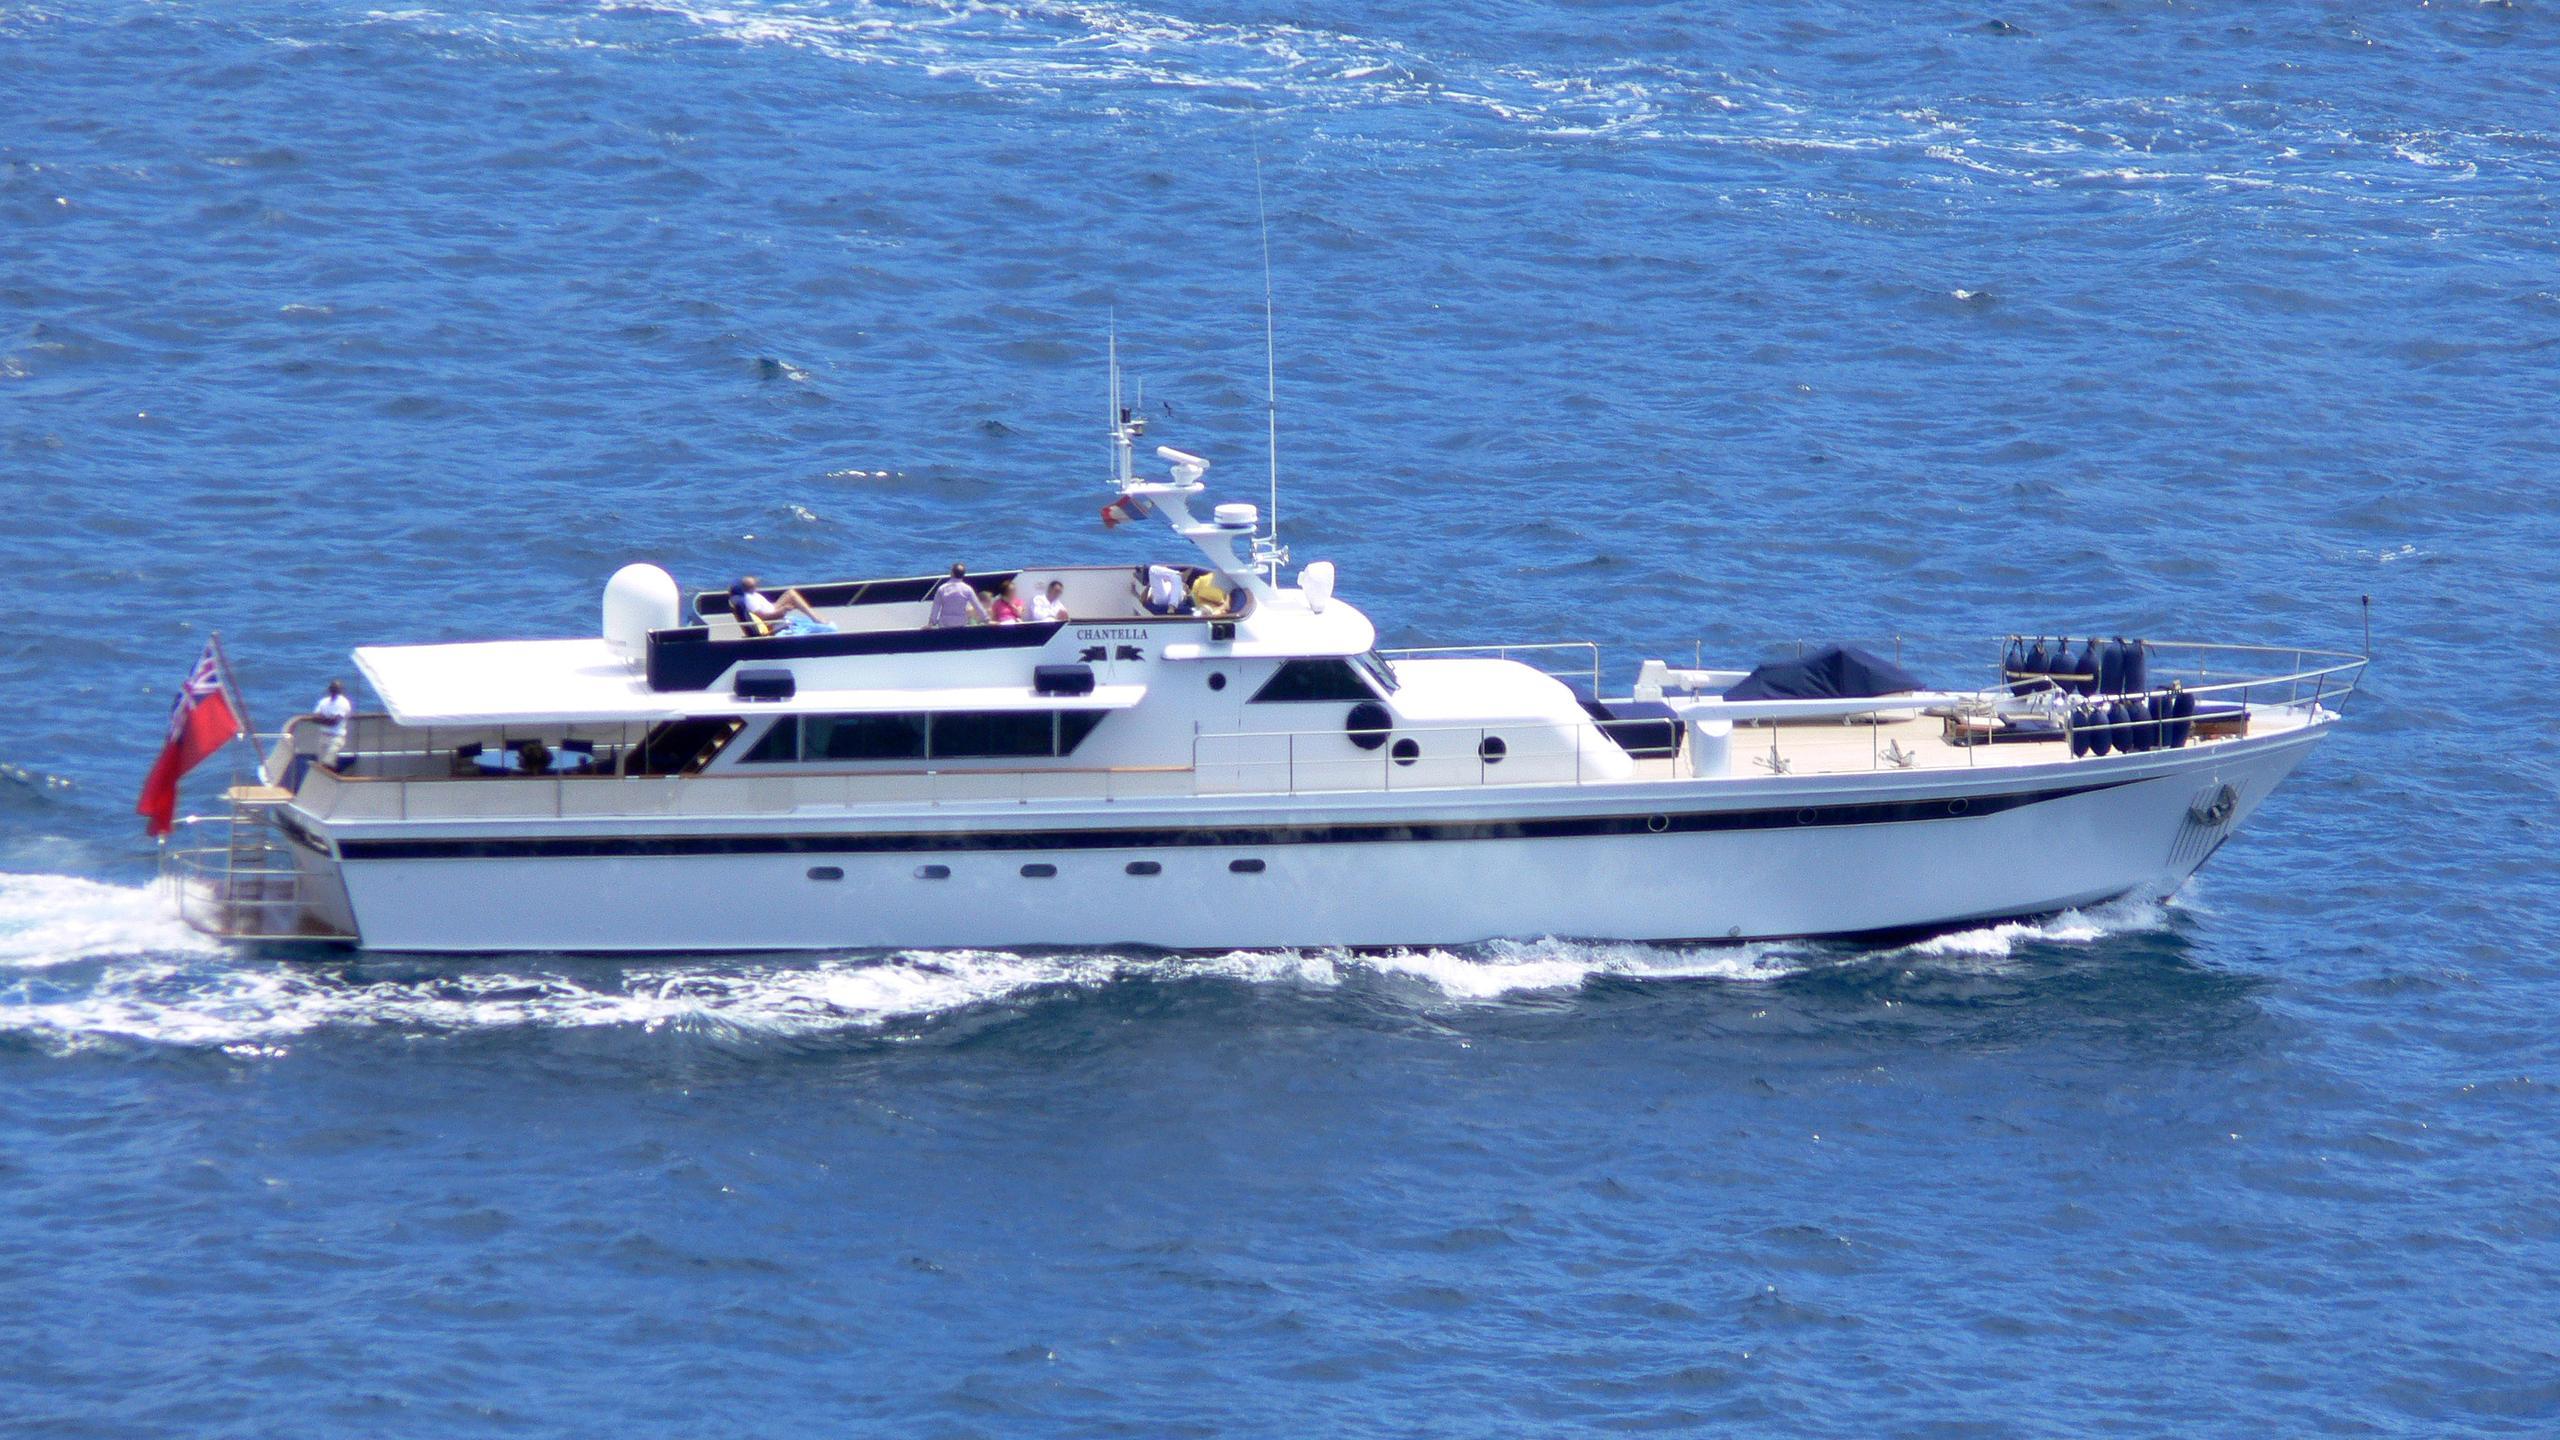 chantella-classic-motor-yacht-cna-aiglon-1966-30m-cruising